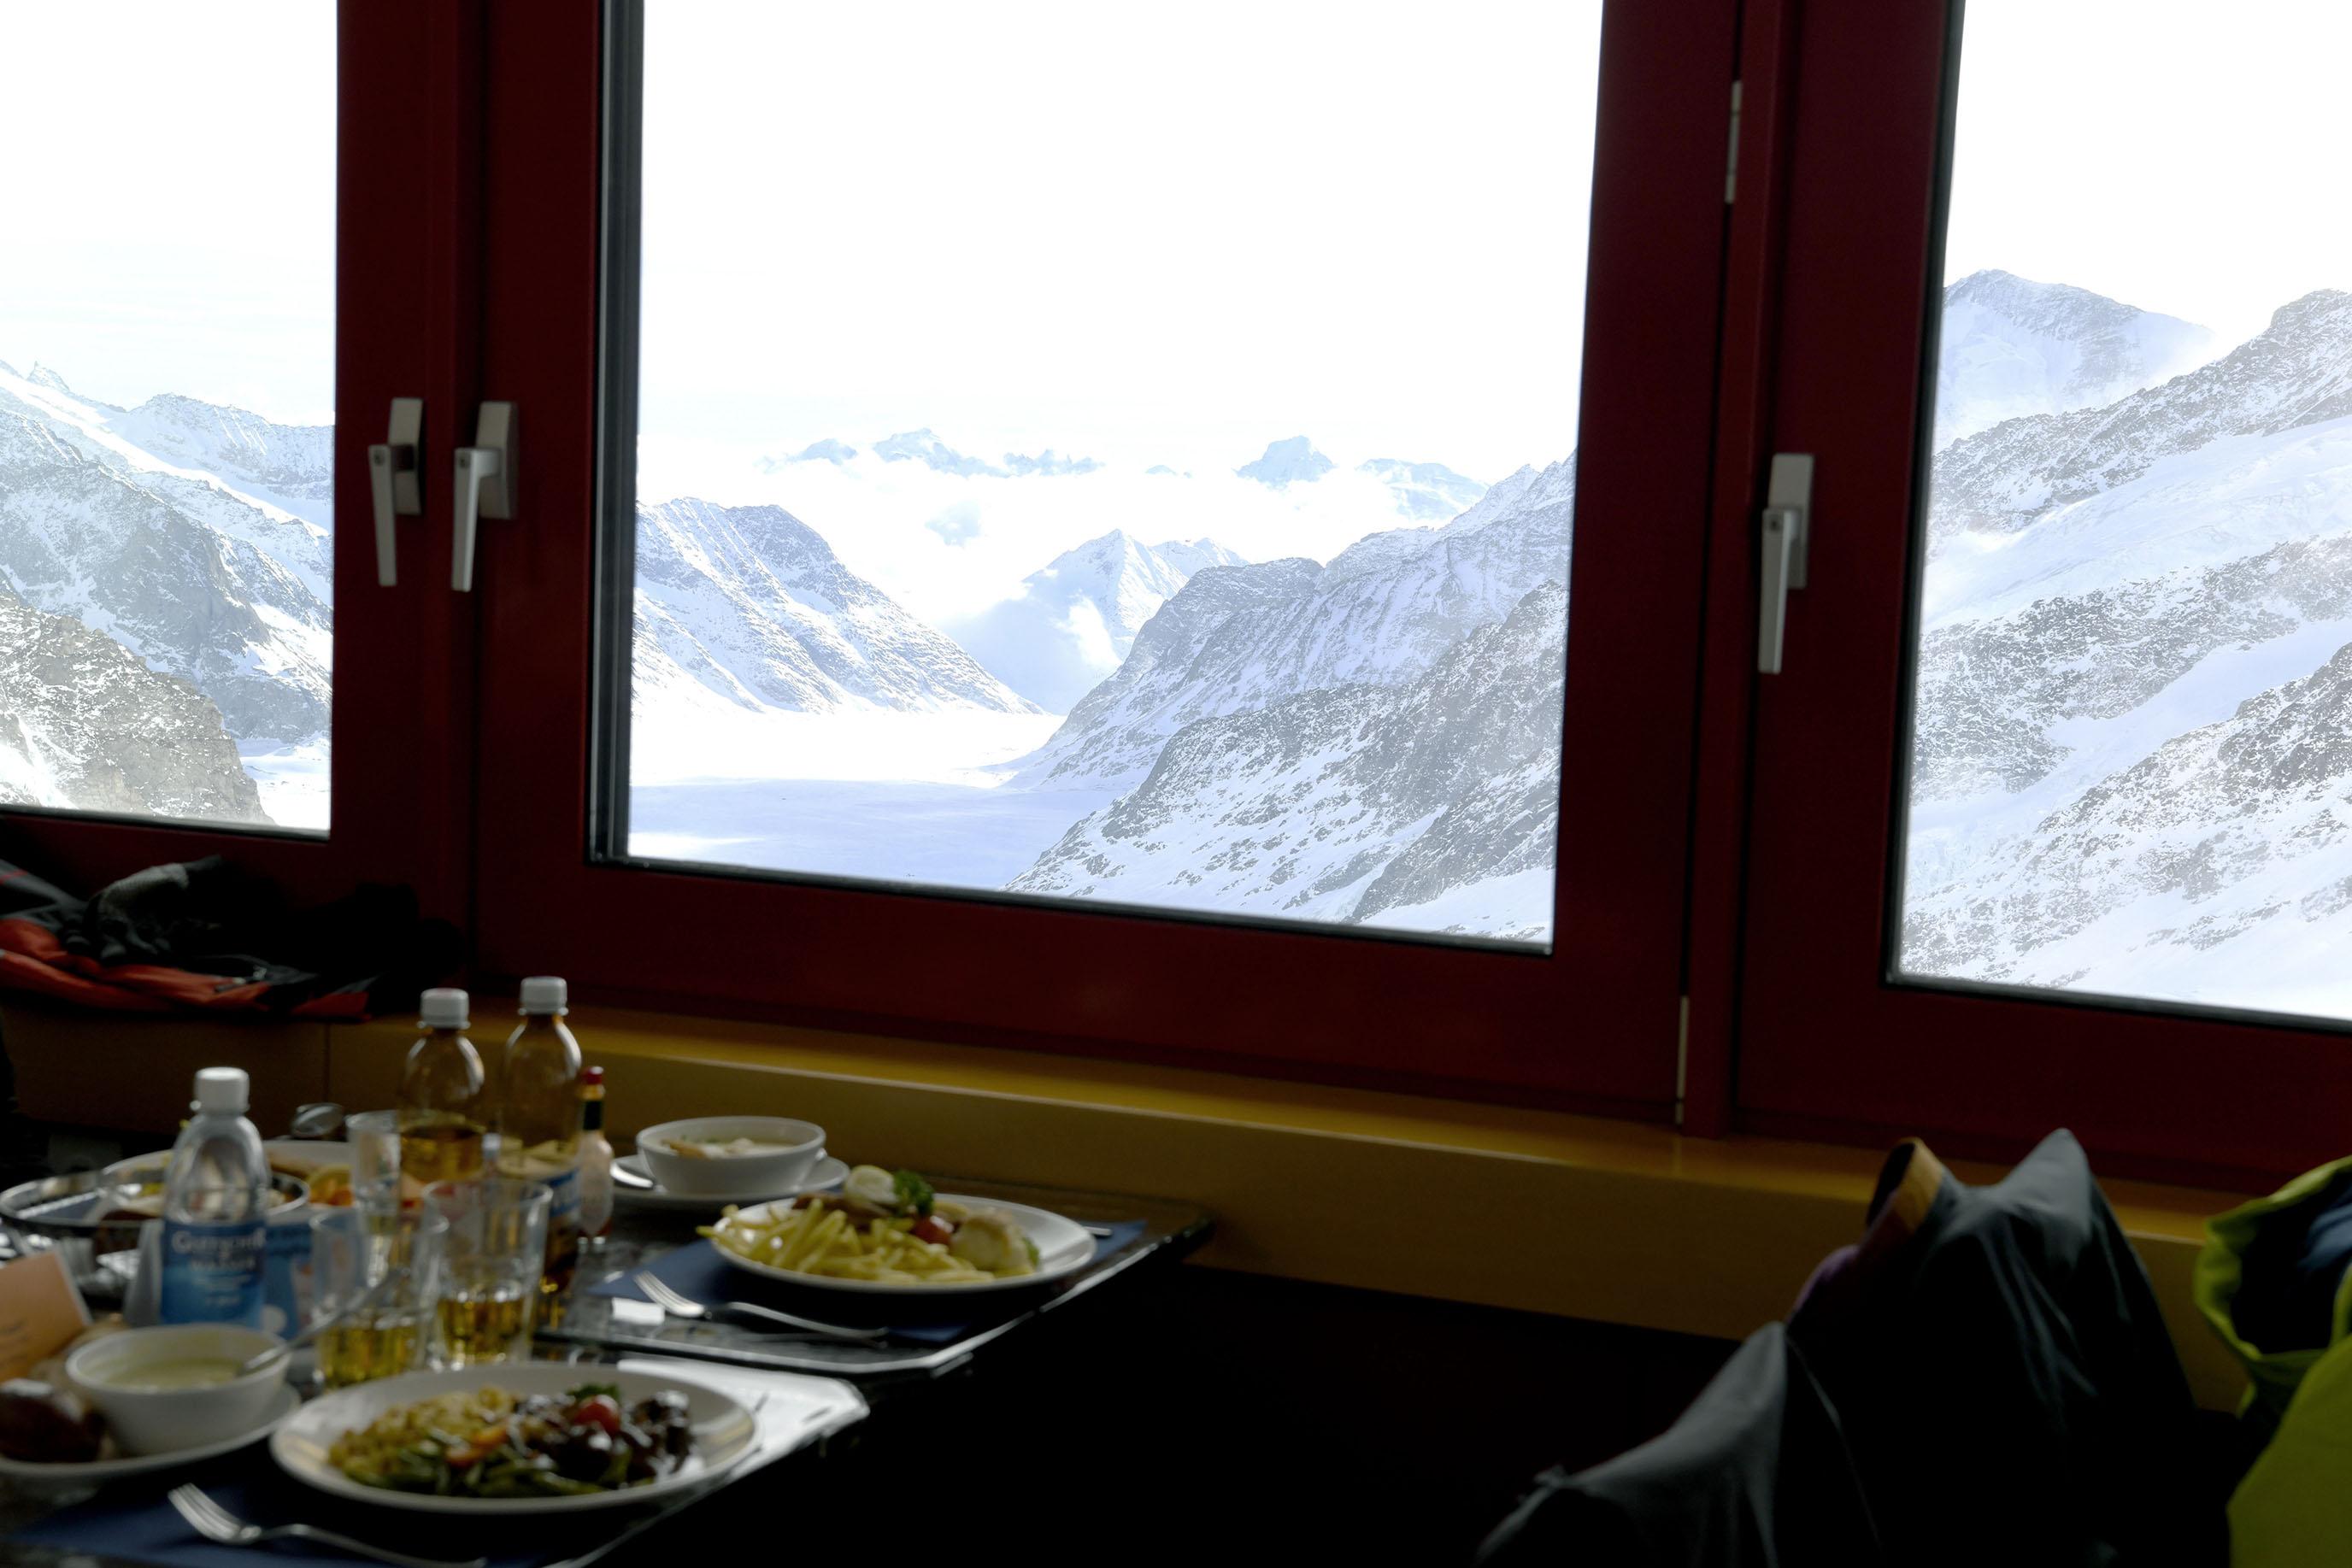 旅行心願解鎖,無比震撼的雪白冰川山巒|瑞士少女峰